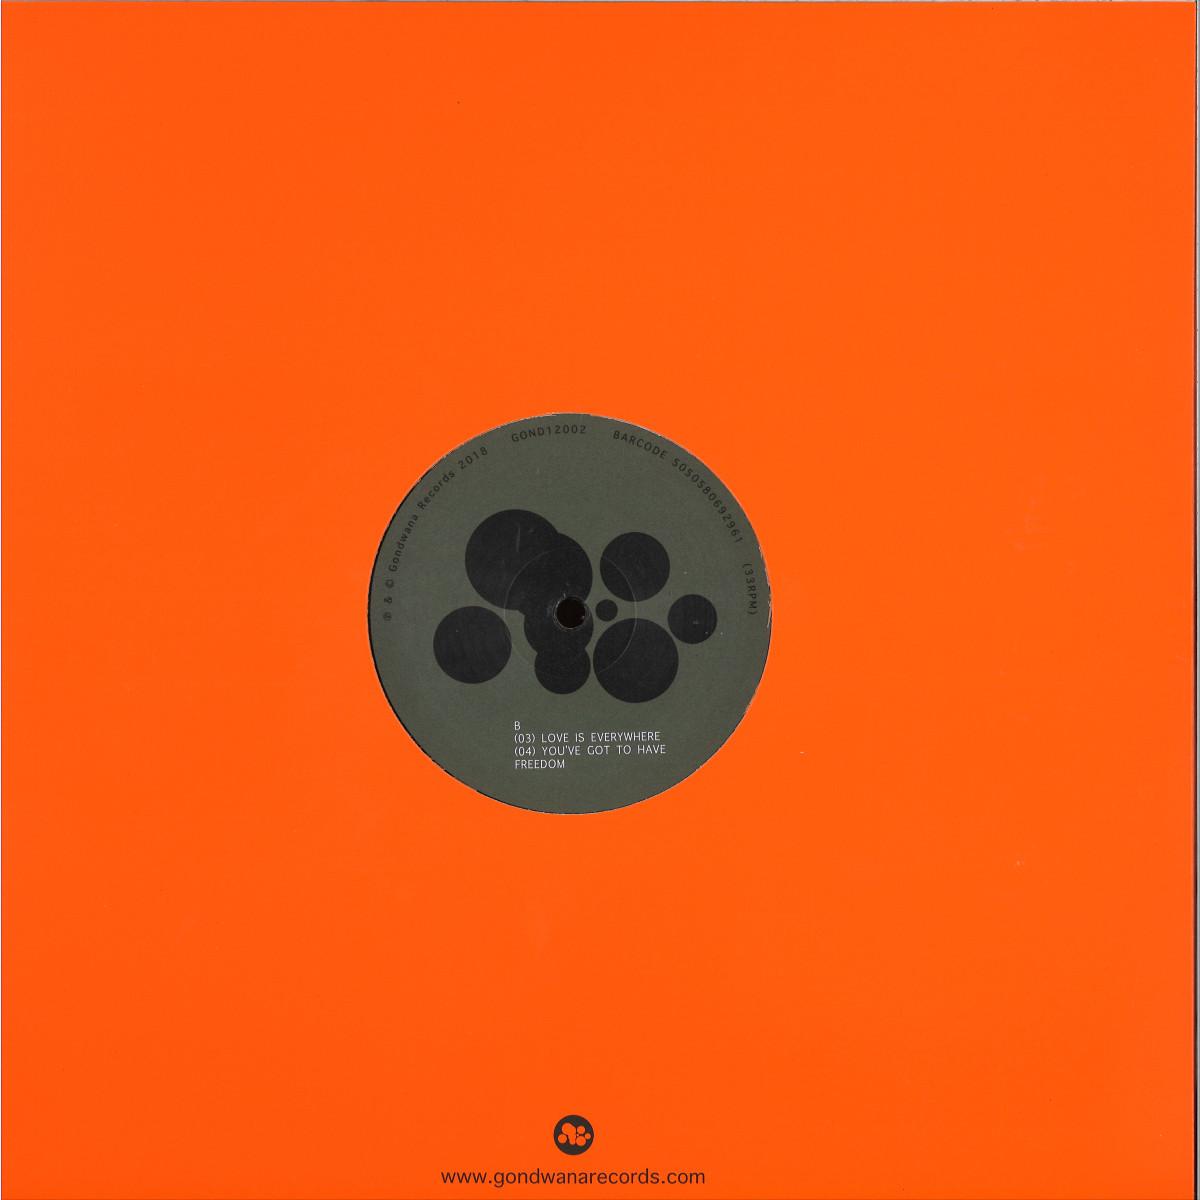 deejay de - Gondwana Records